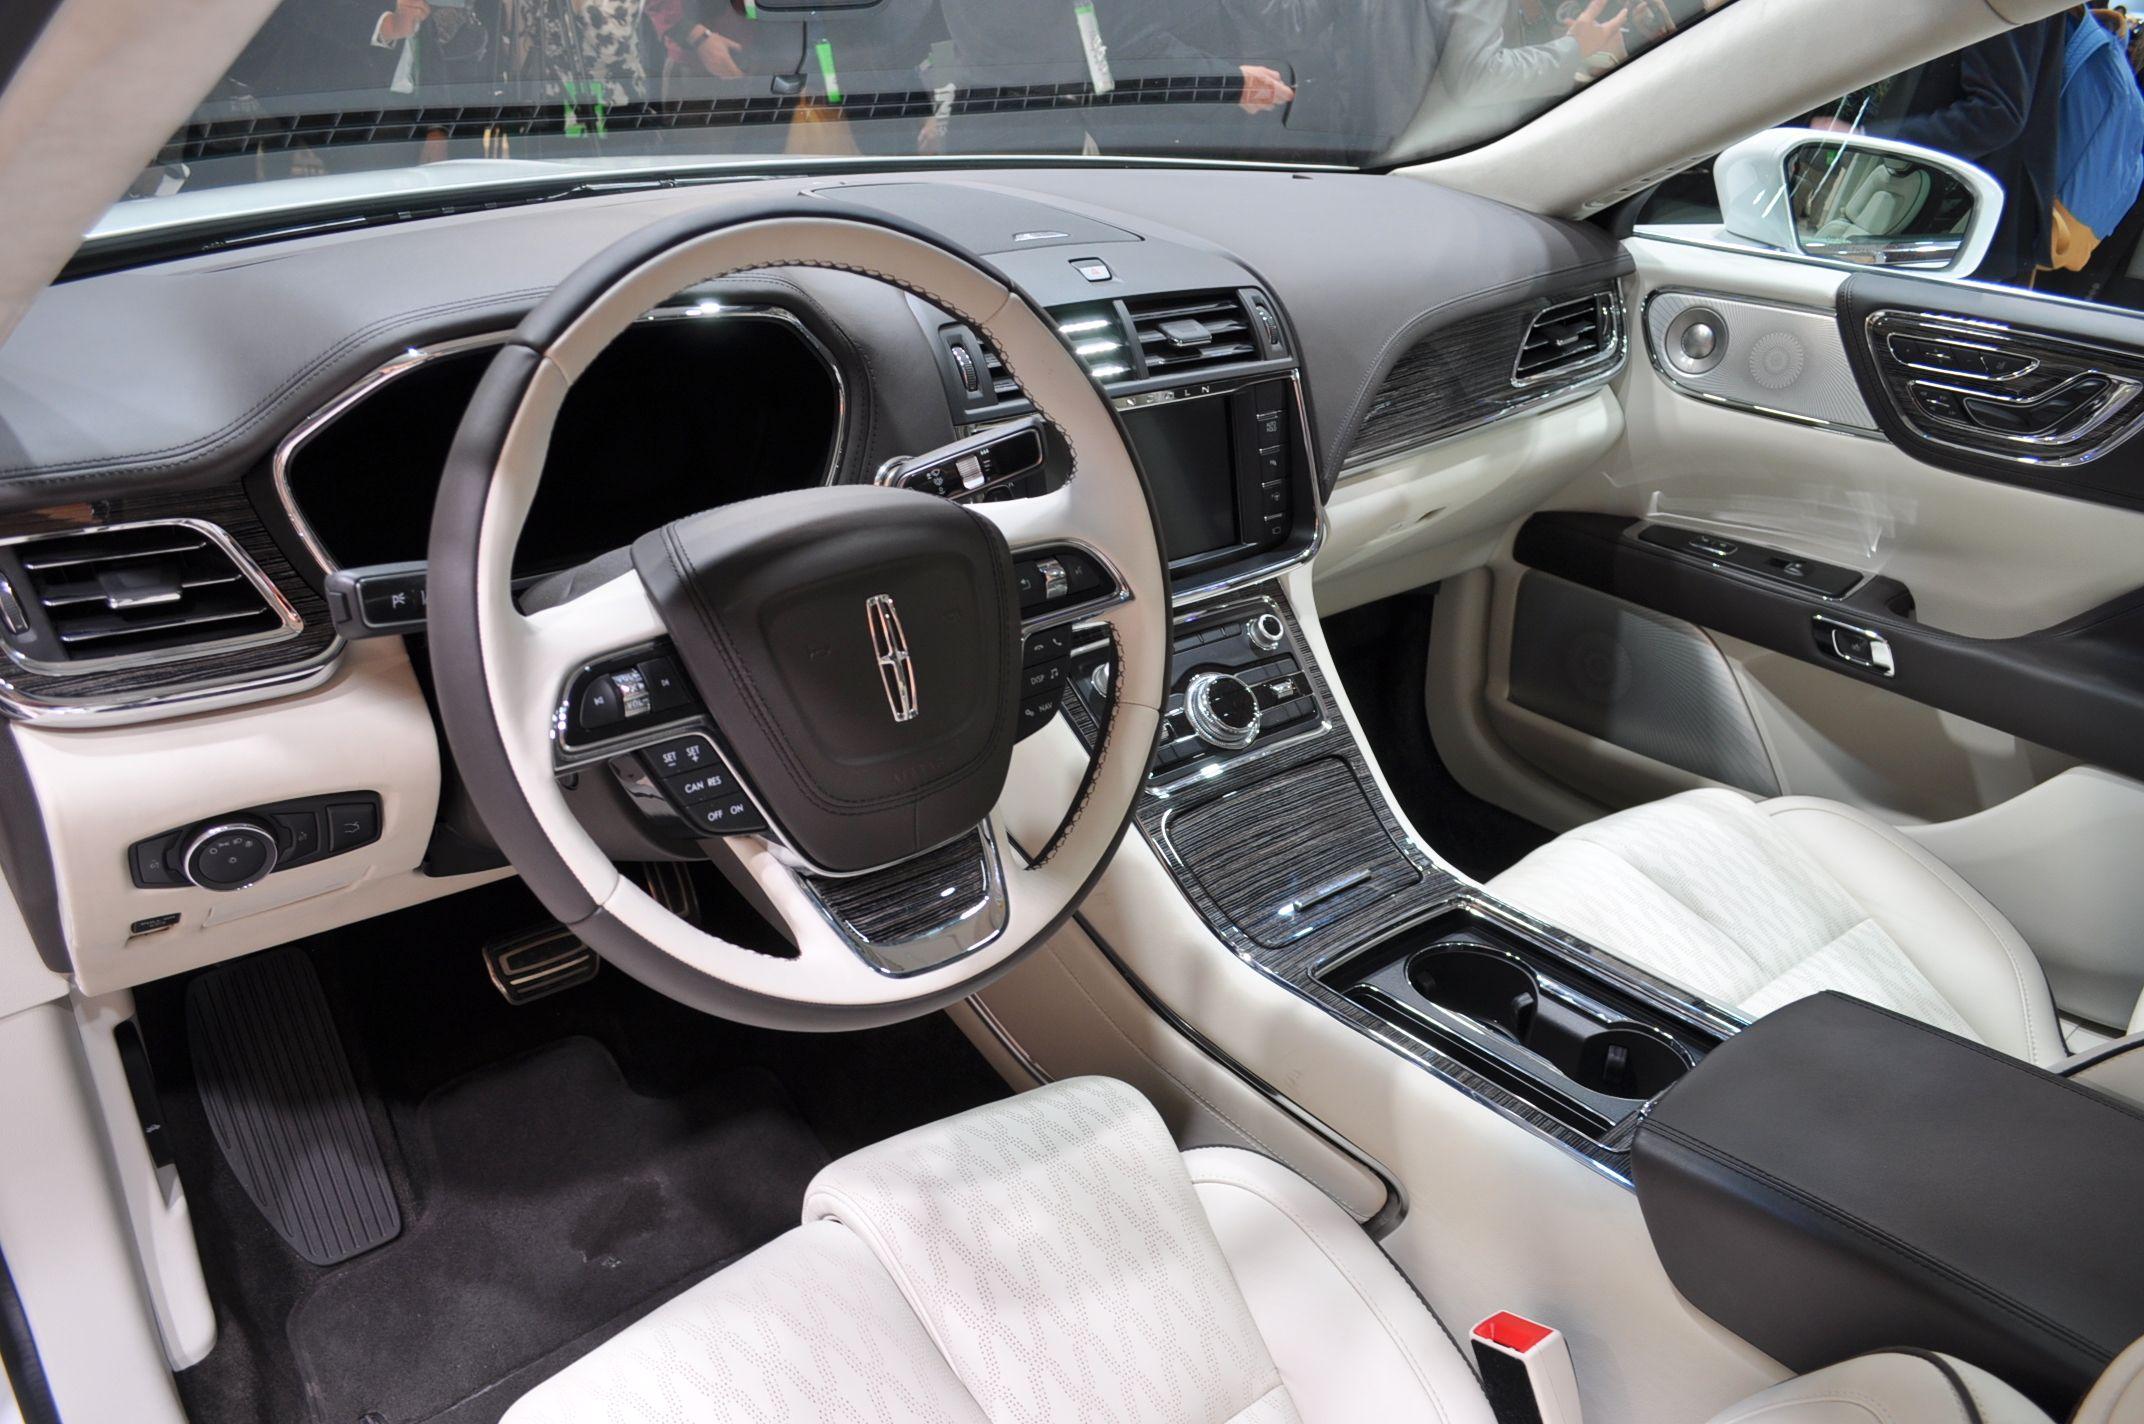 2016 Nai Auto Show 2017 Lincoln Continental